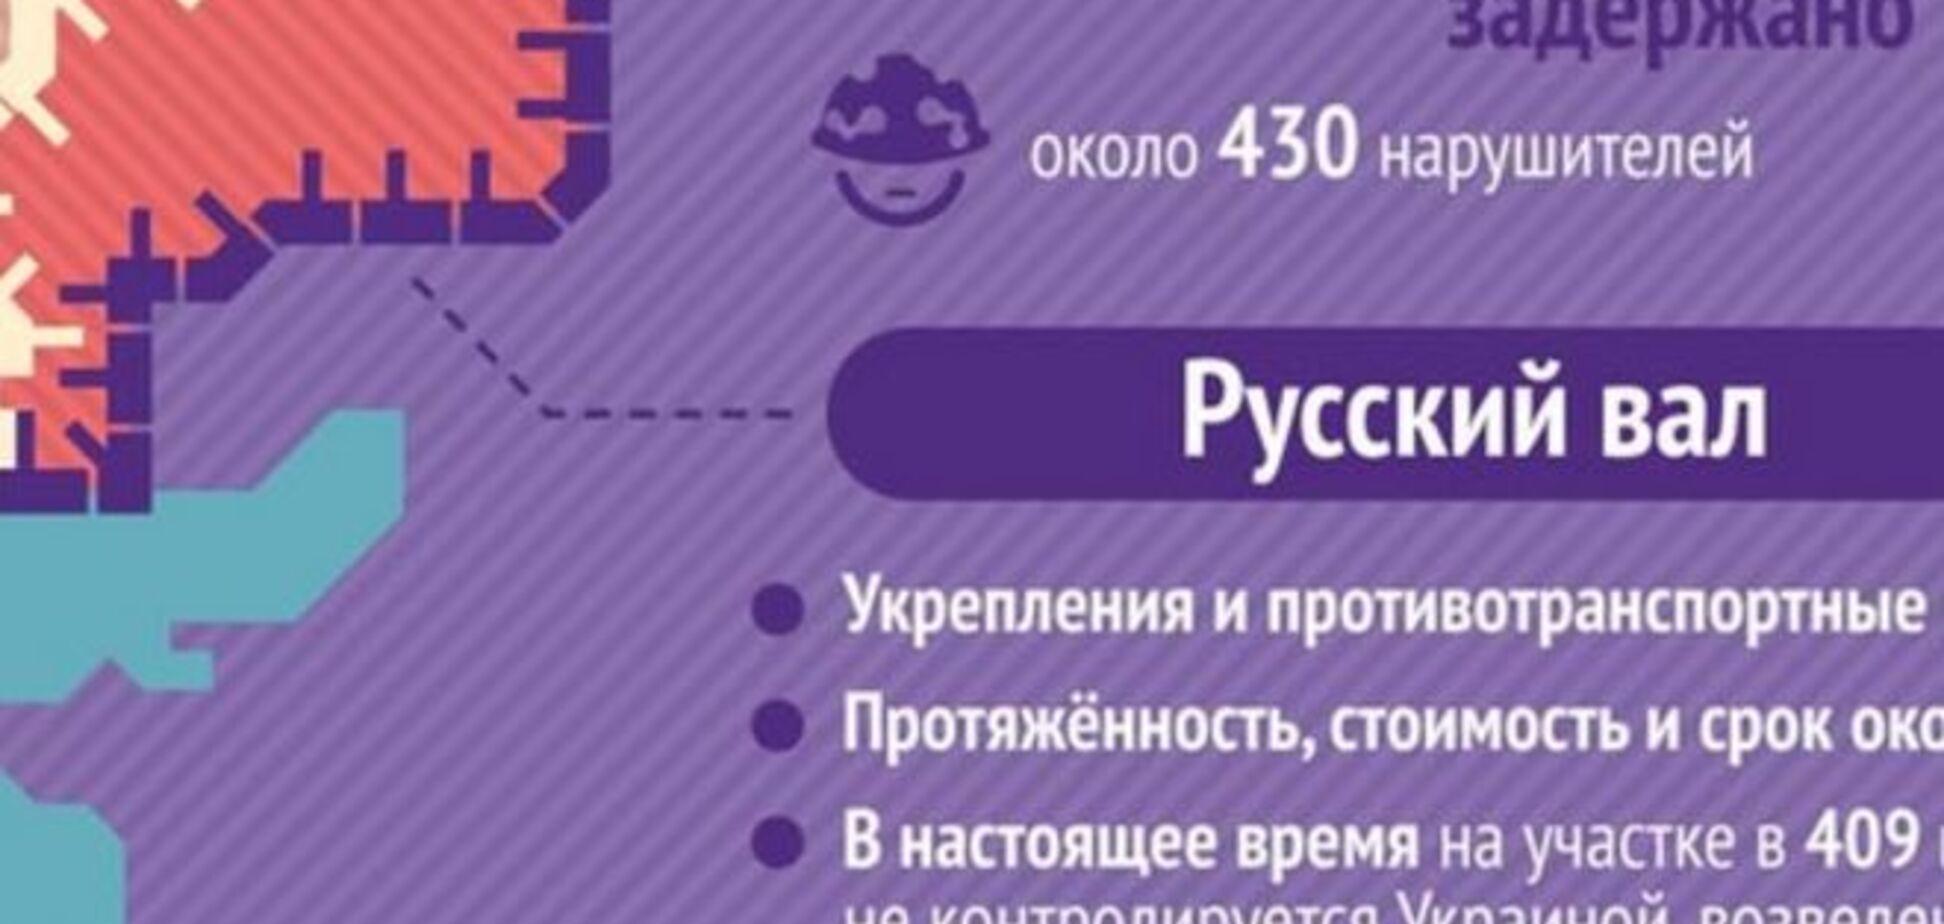 Россия уже отгородилась от 'ЛНР' и 'ДНР' стеной в 40 км. Опубликована инфографика